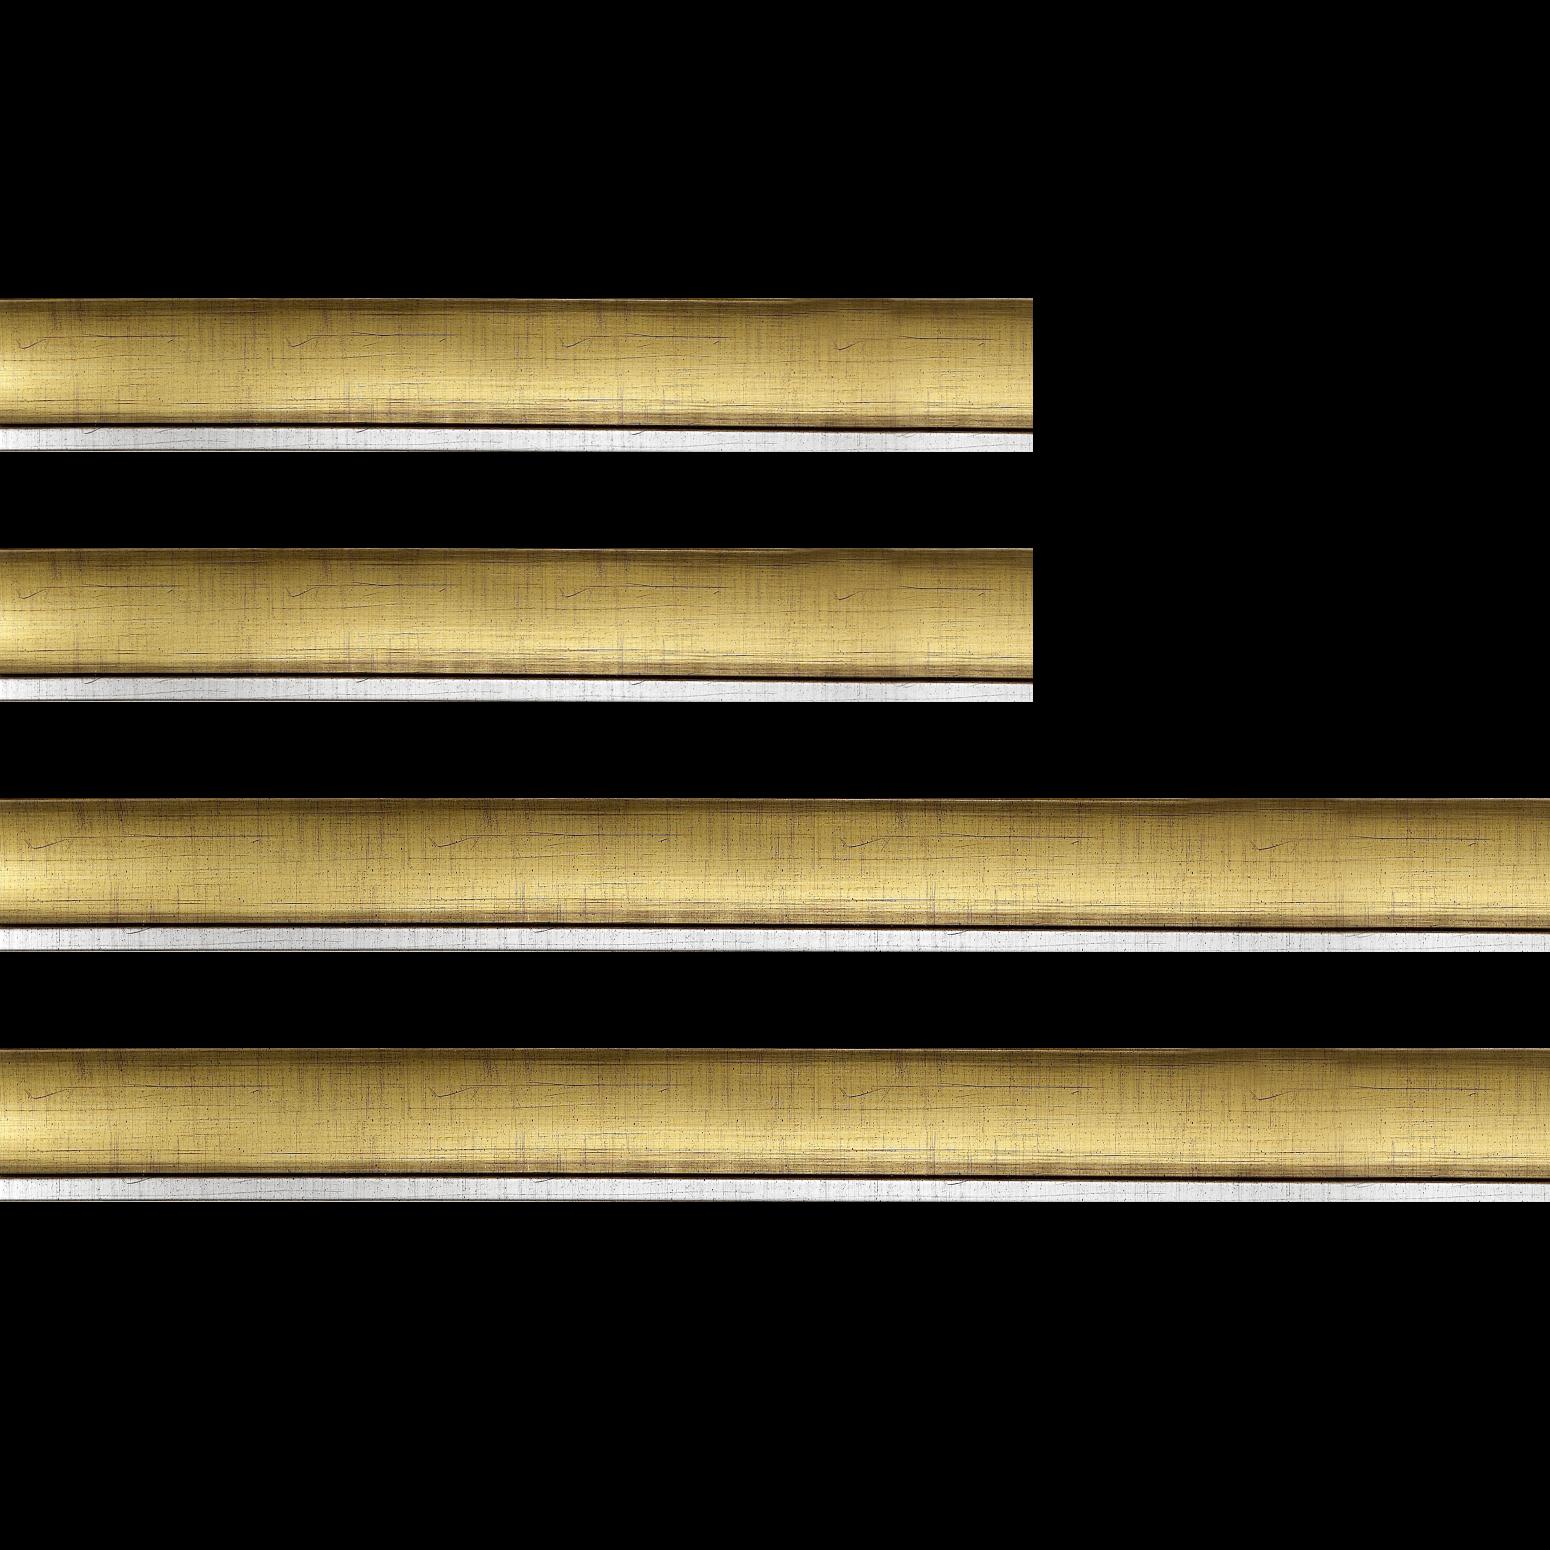 Baguette bois profil concave largeur 5cm couleur or filet argent chaud